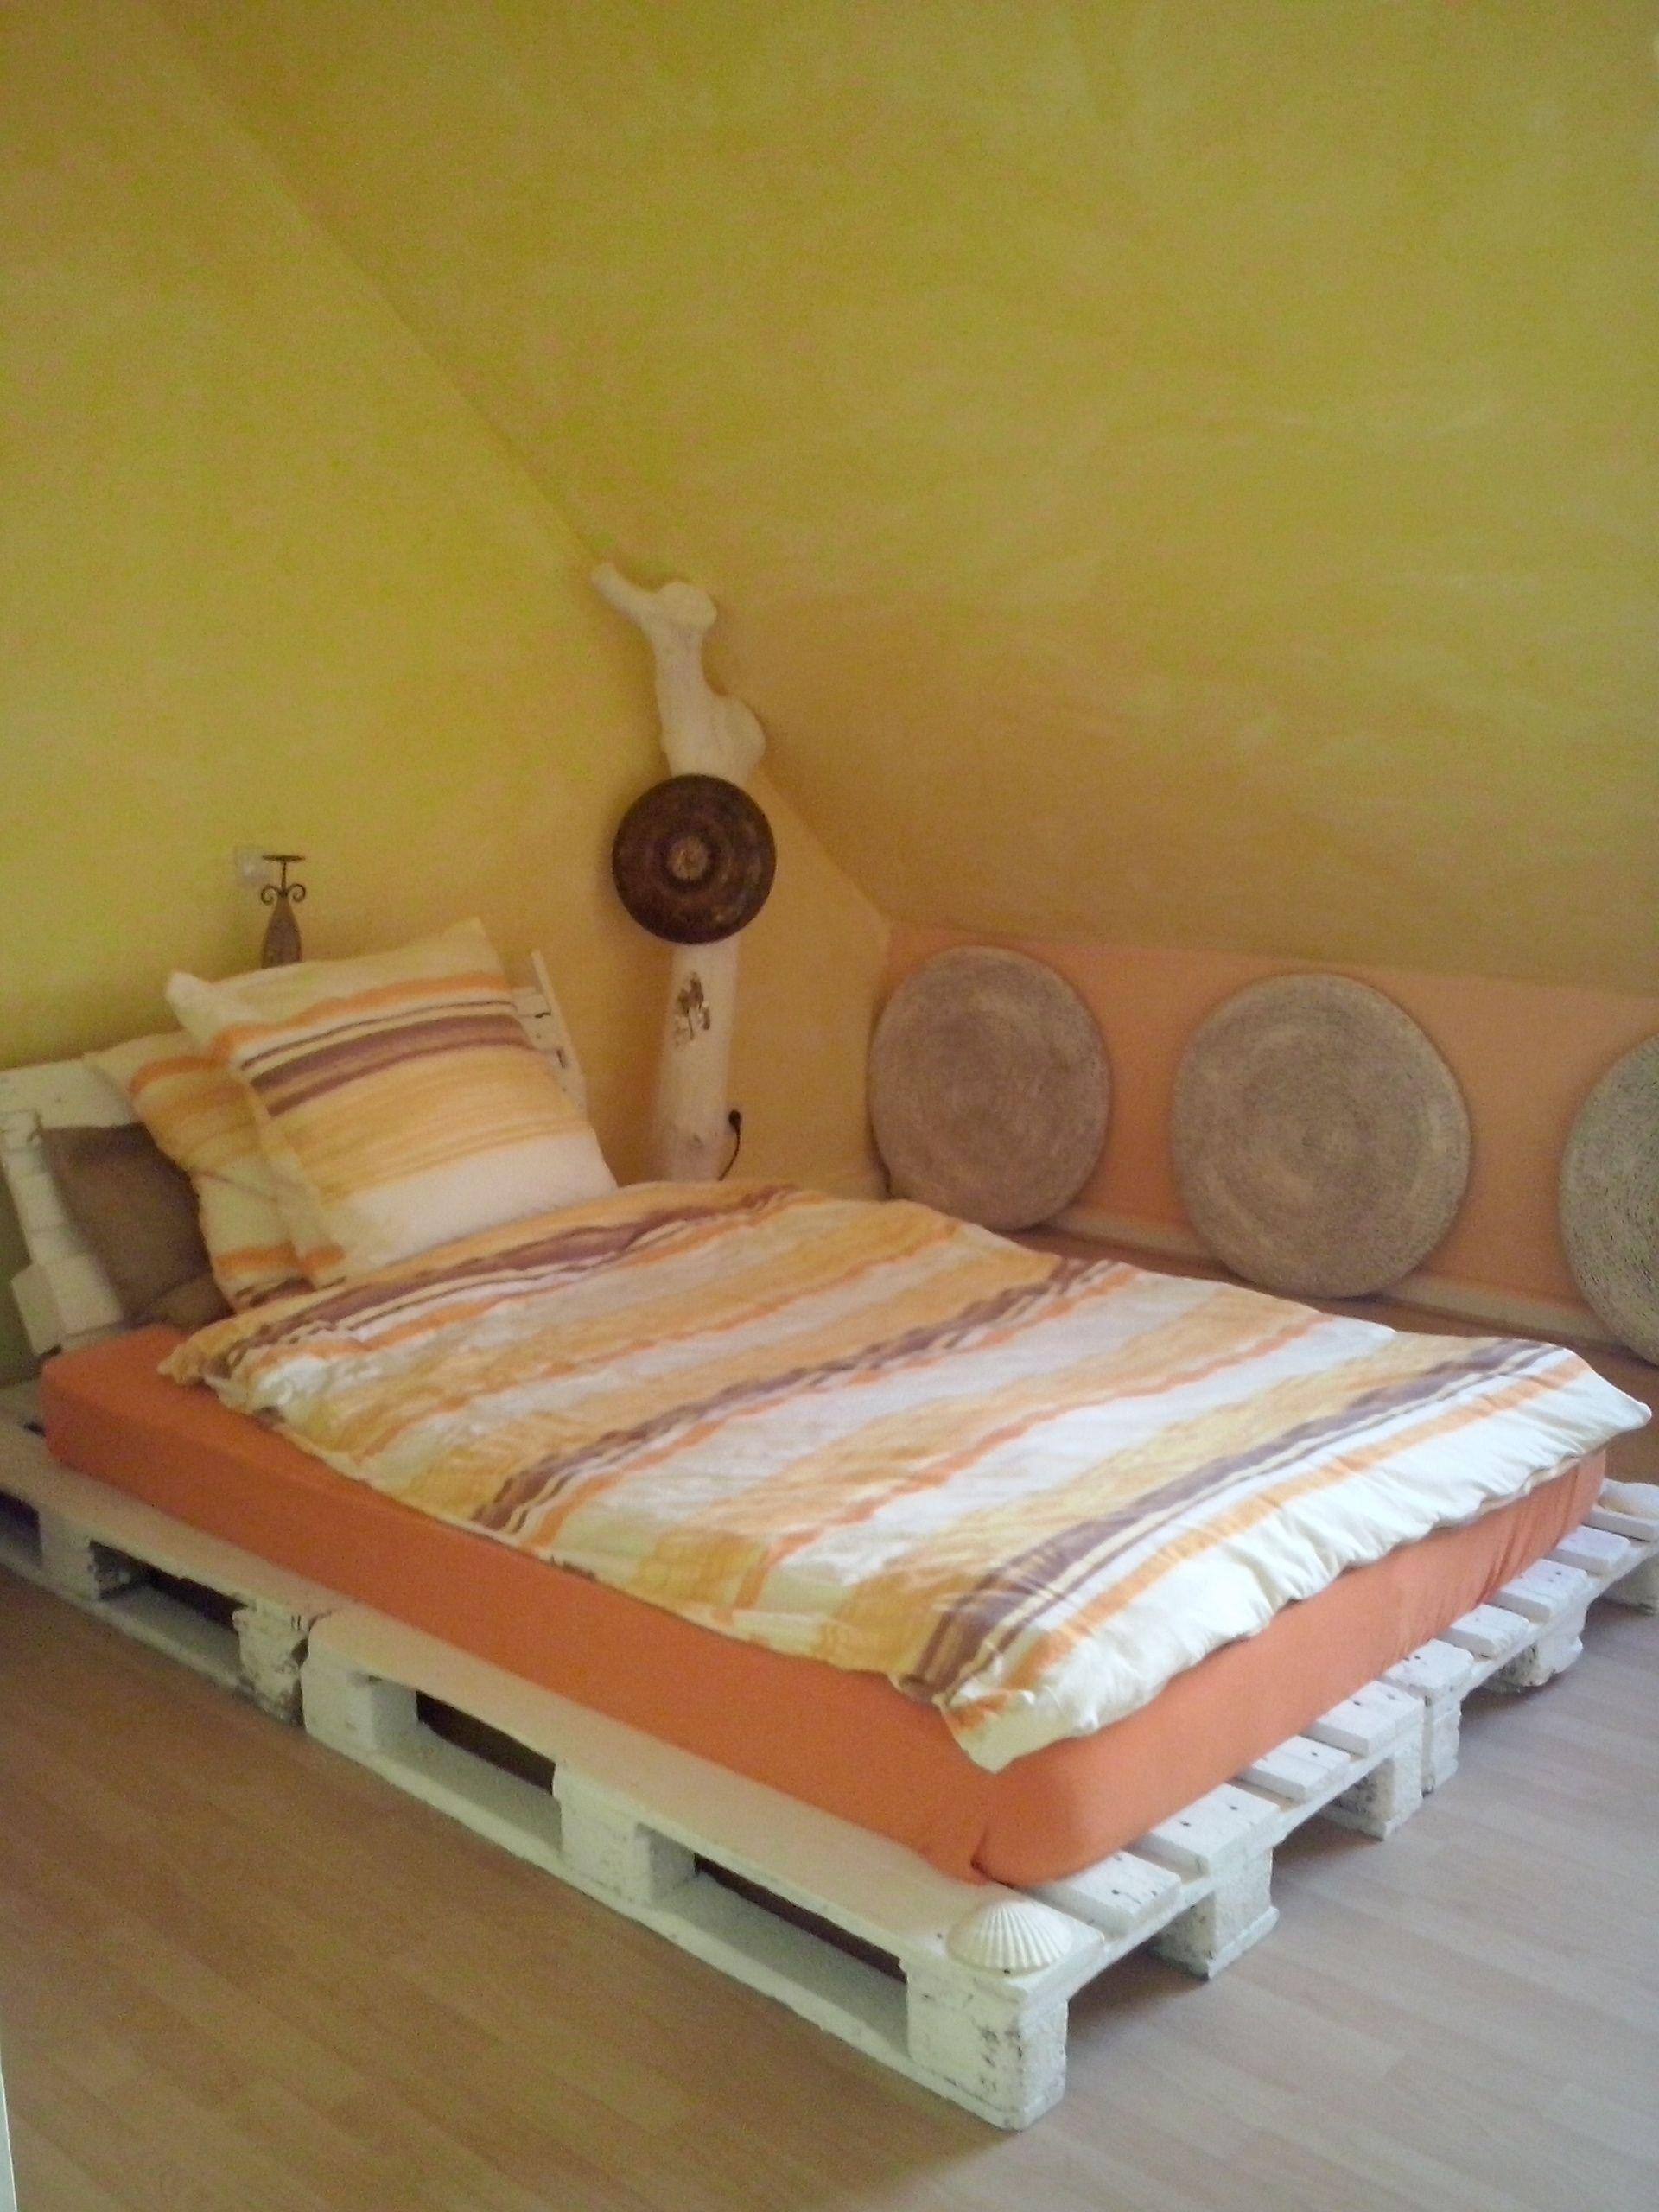 schlafzimmer bett aus paletten wanddeko aus sitzkissen baumstamm als deko m belbau mit. Black Bedroom Furniture Sets. Home Design Ideas